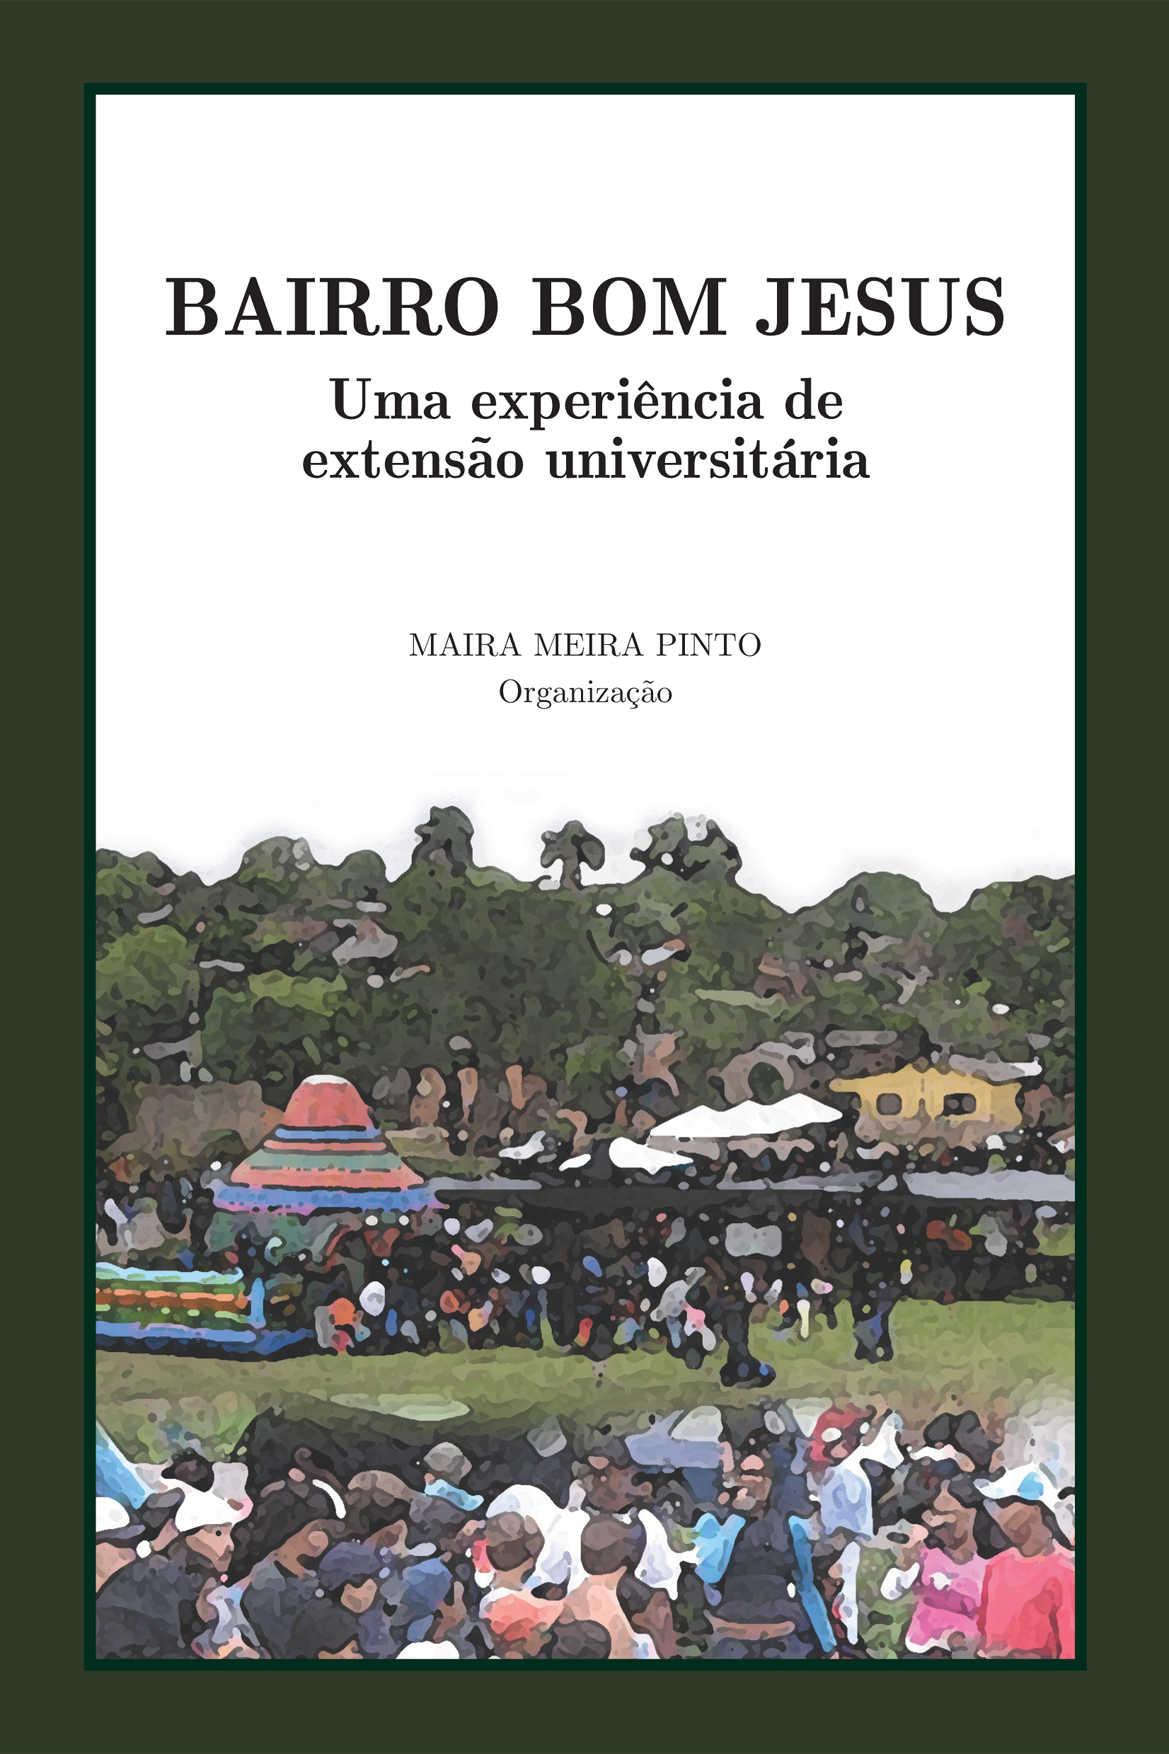 Bairro Bom Jesus: Uma experiência de extensão universitária